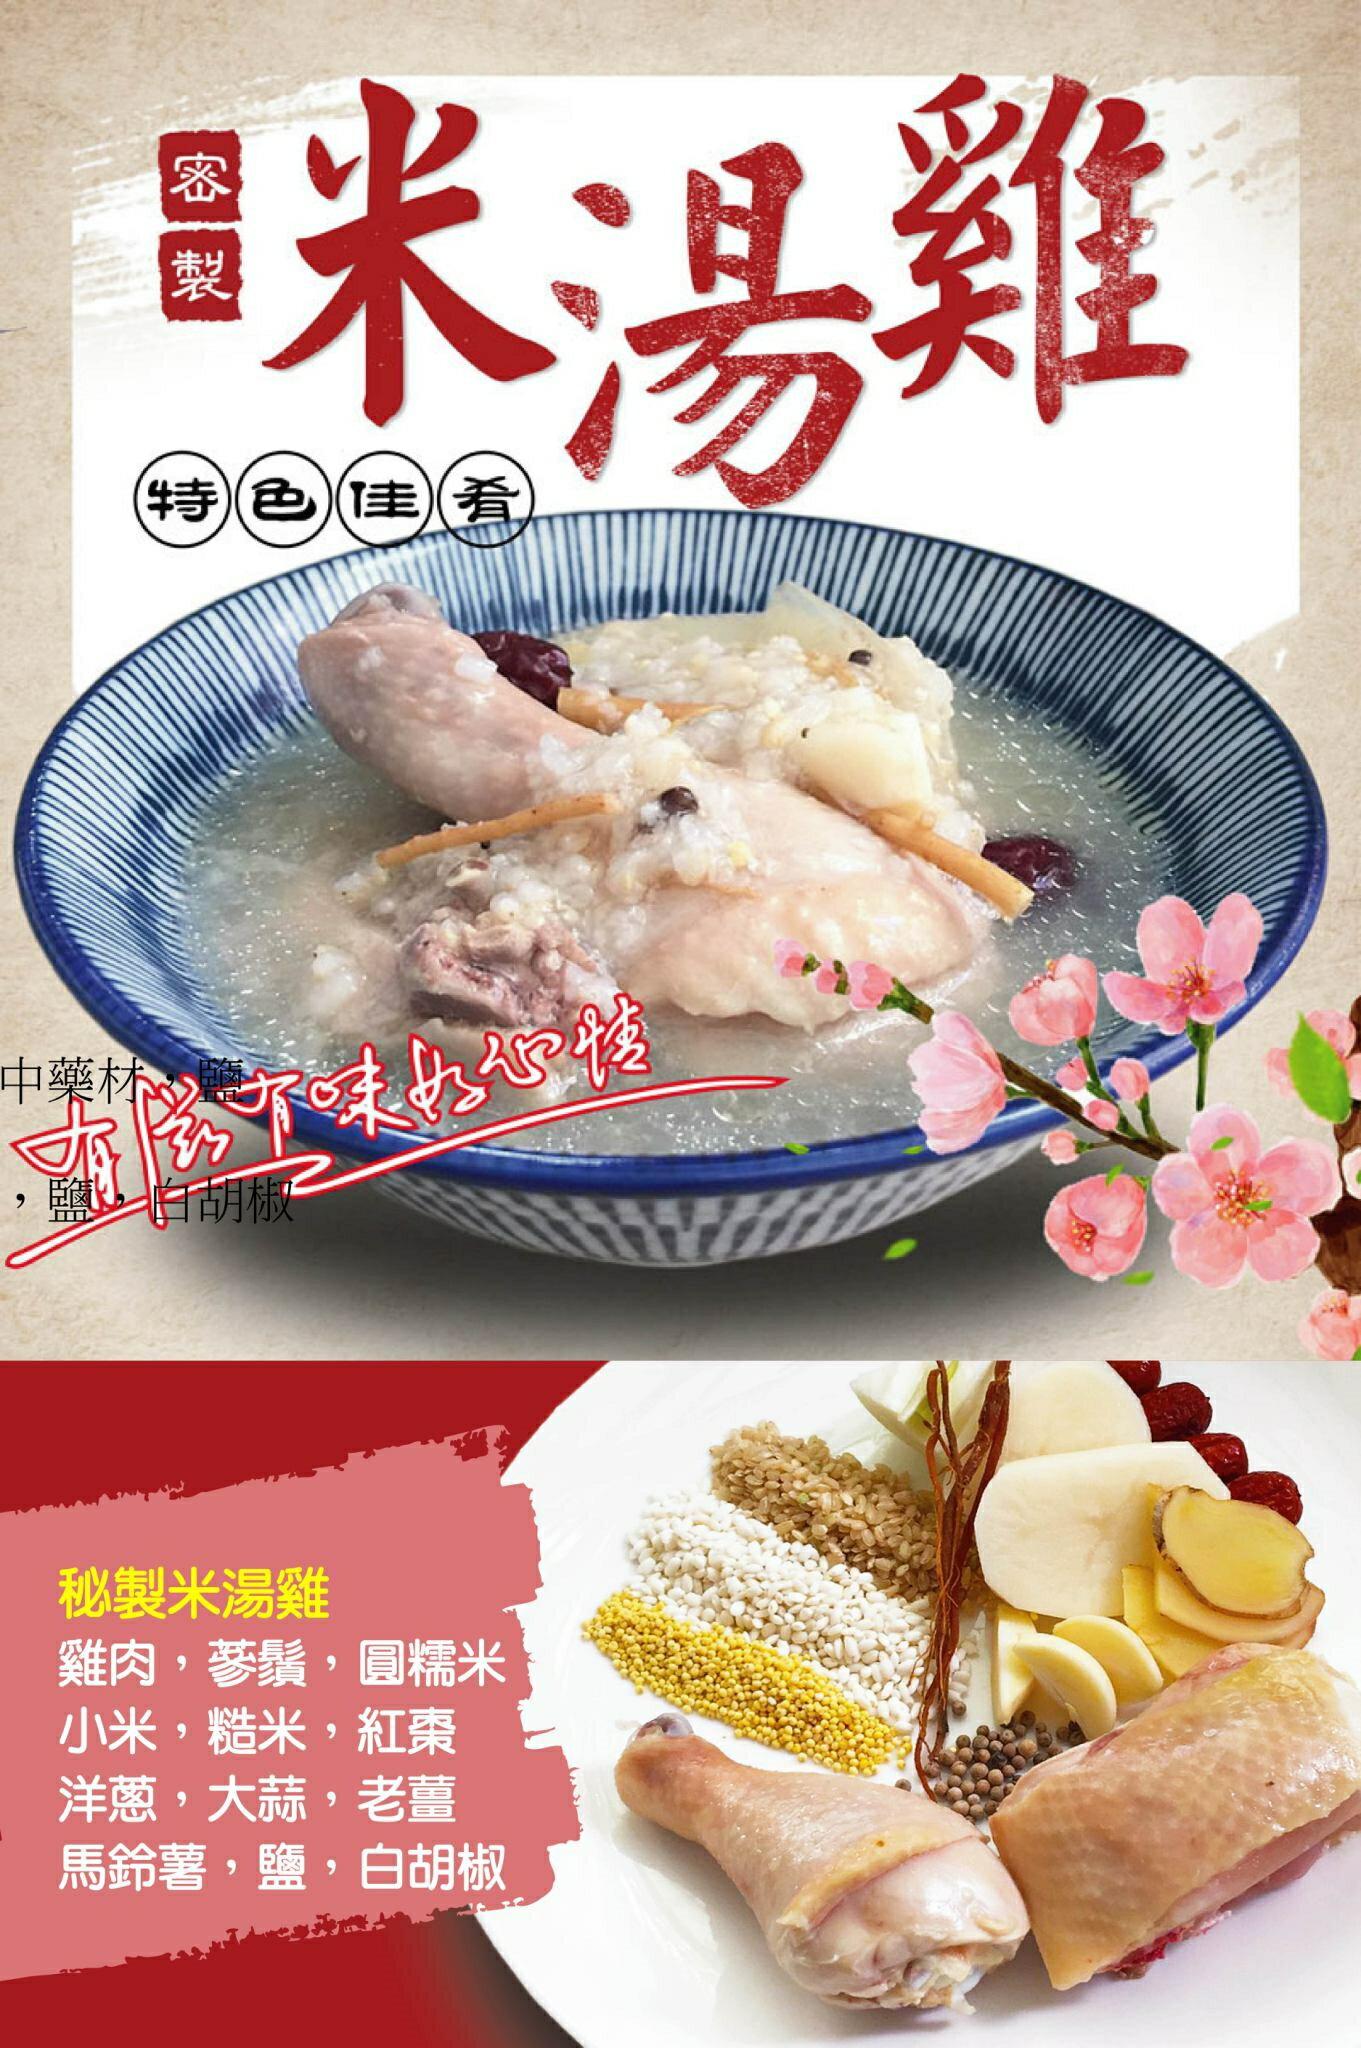 【皇家御膳】秘製米湯雞 / 大份量800G / 電鍋料理包 1